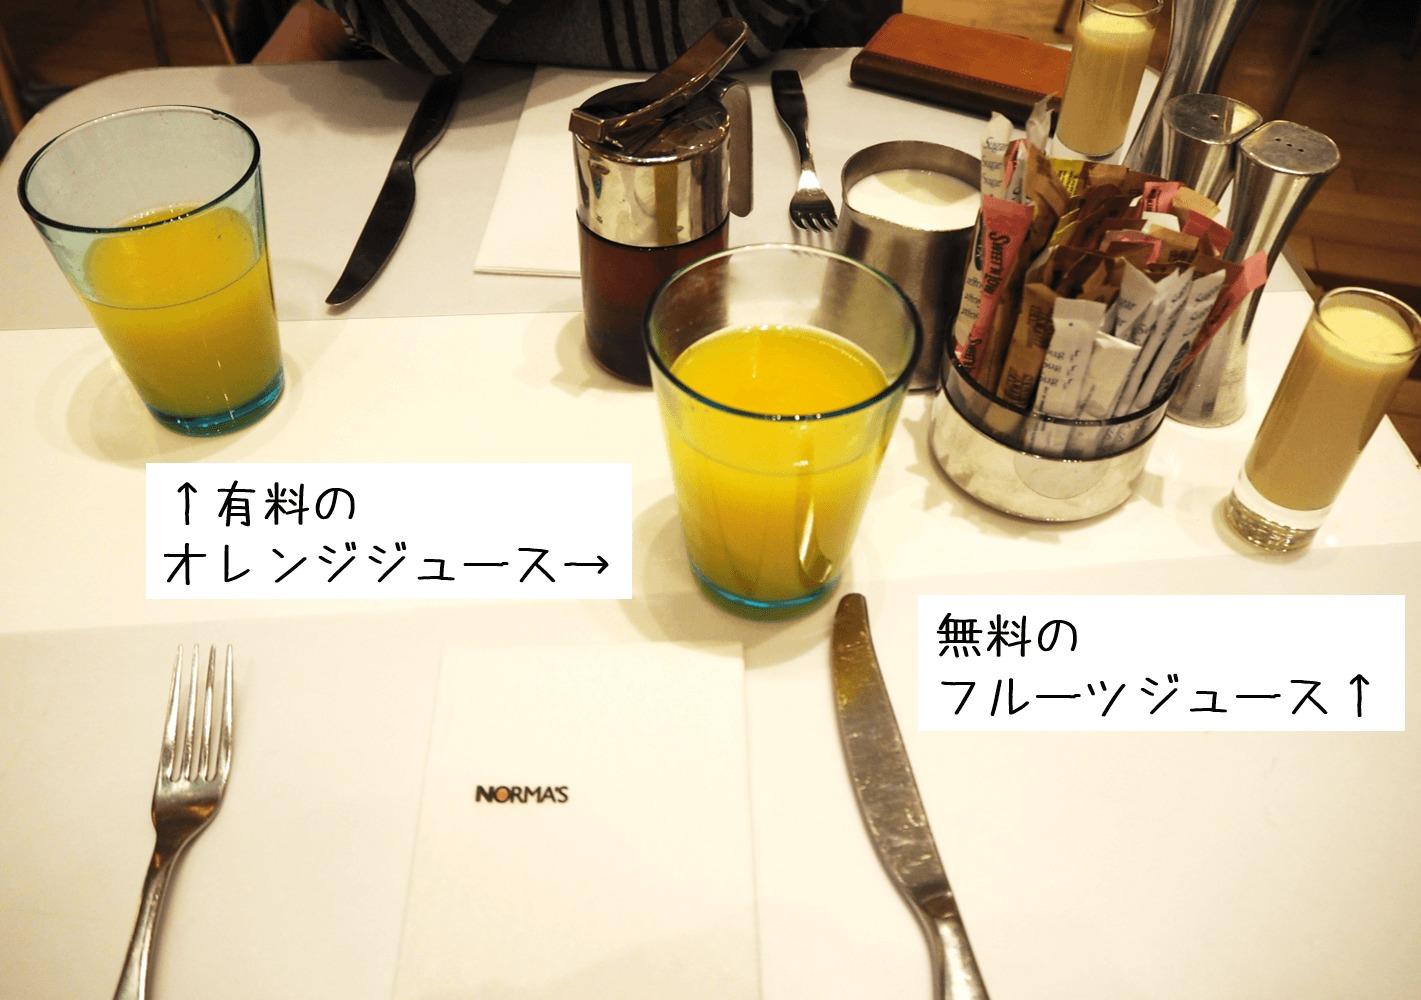 ノーマズのジュース